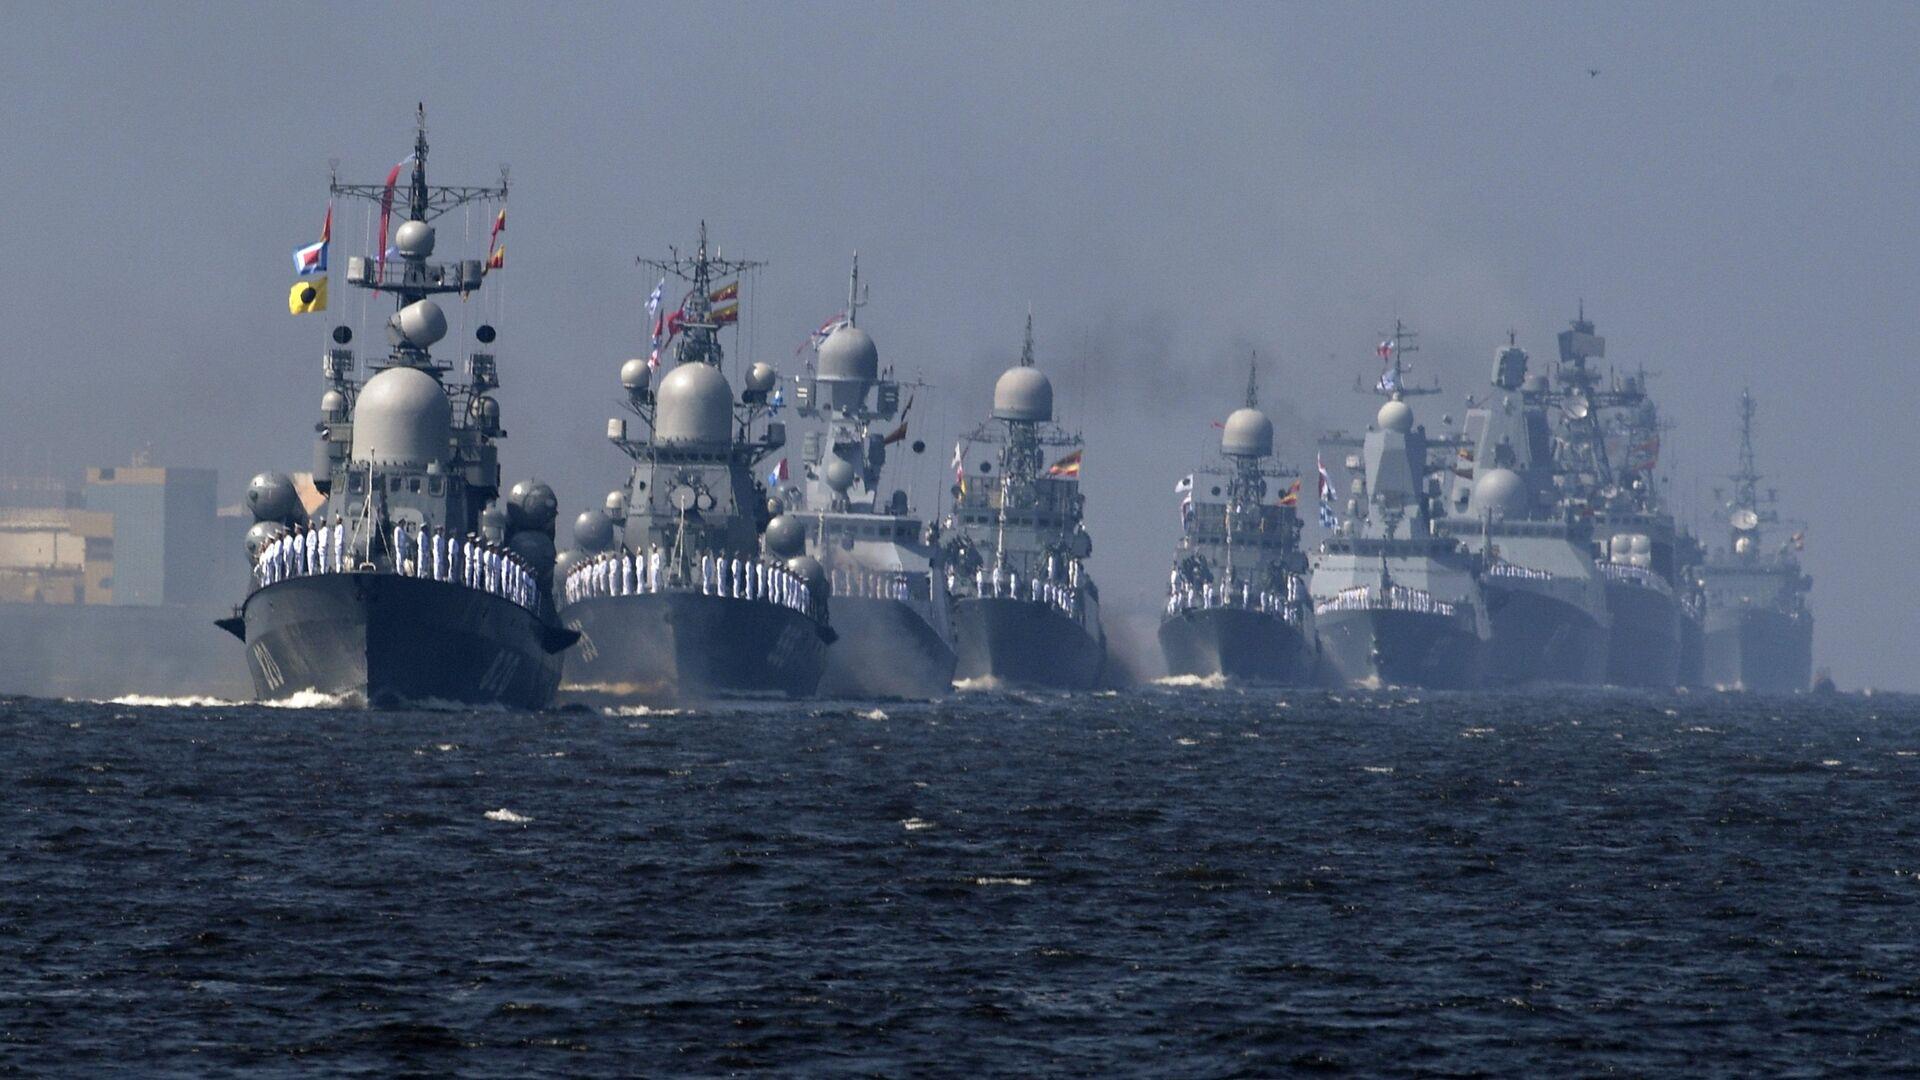 Корабли ВМФ РФ на первой сводной репетиции парада в честь Дня Военно-морского флота в Кронштадте. 22 июля 2018 - РИА Новости, 1920, 25.07.2021